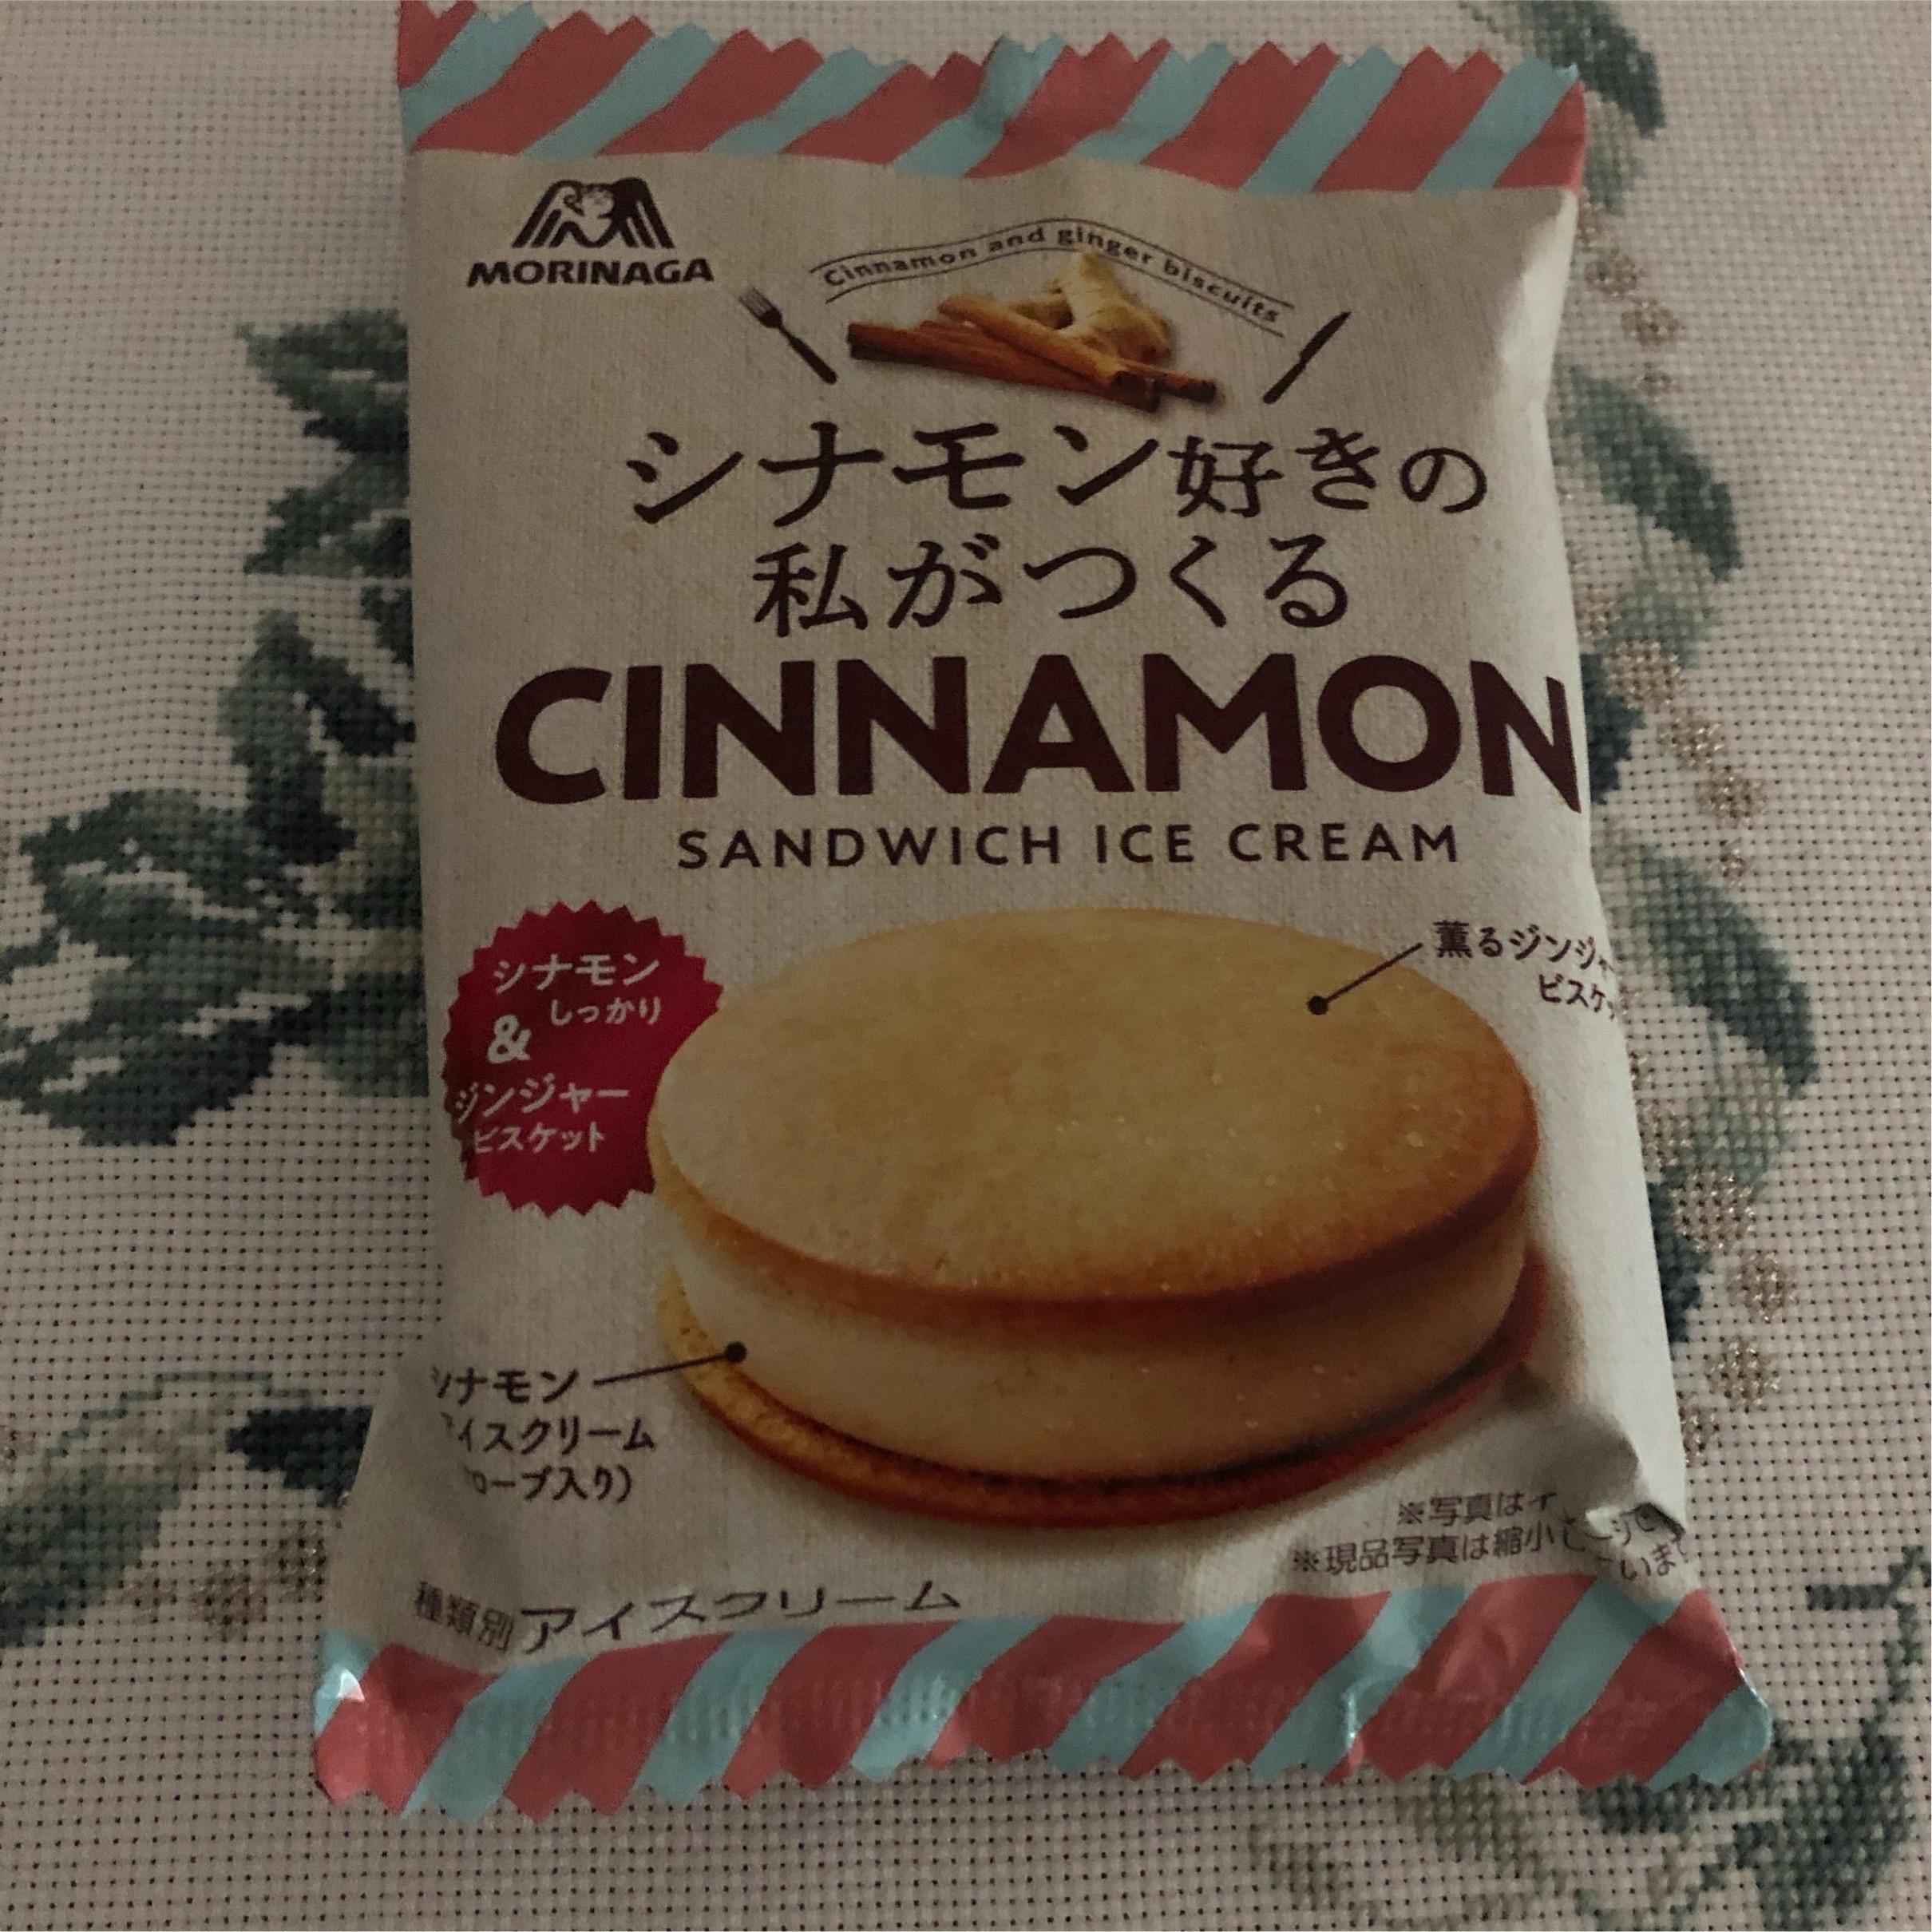 【シナモン好き必見】冬でも食べたいコンビニアイス!_1_1